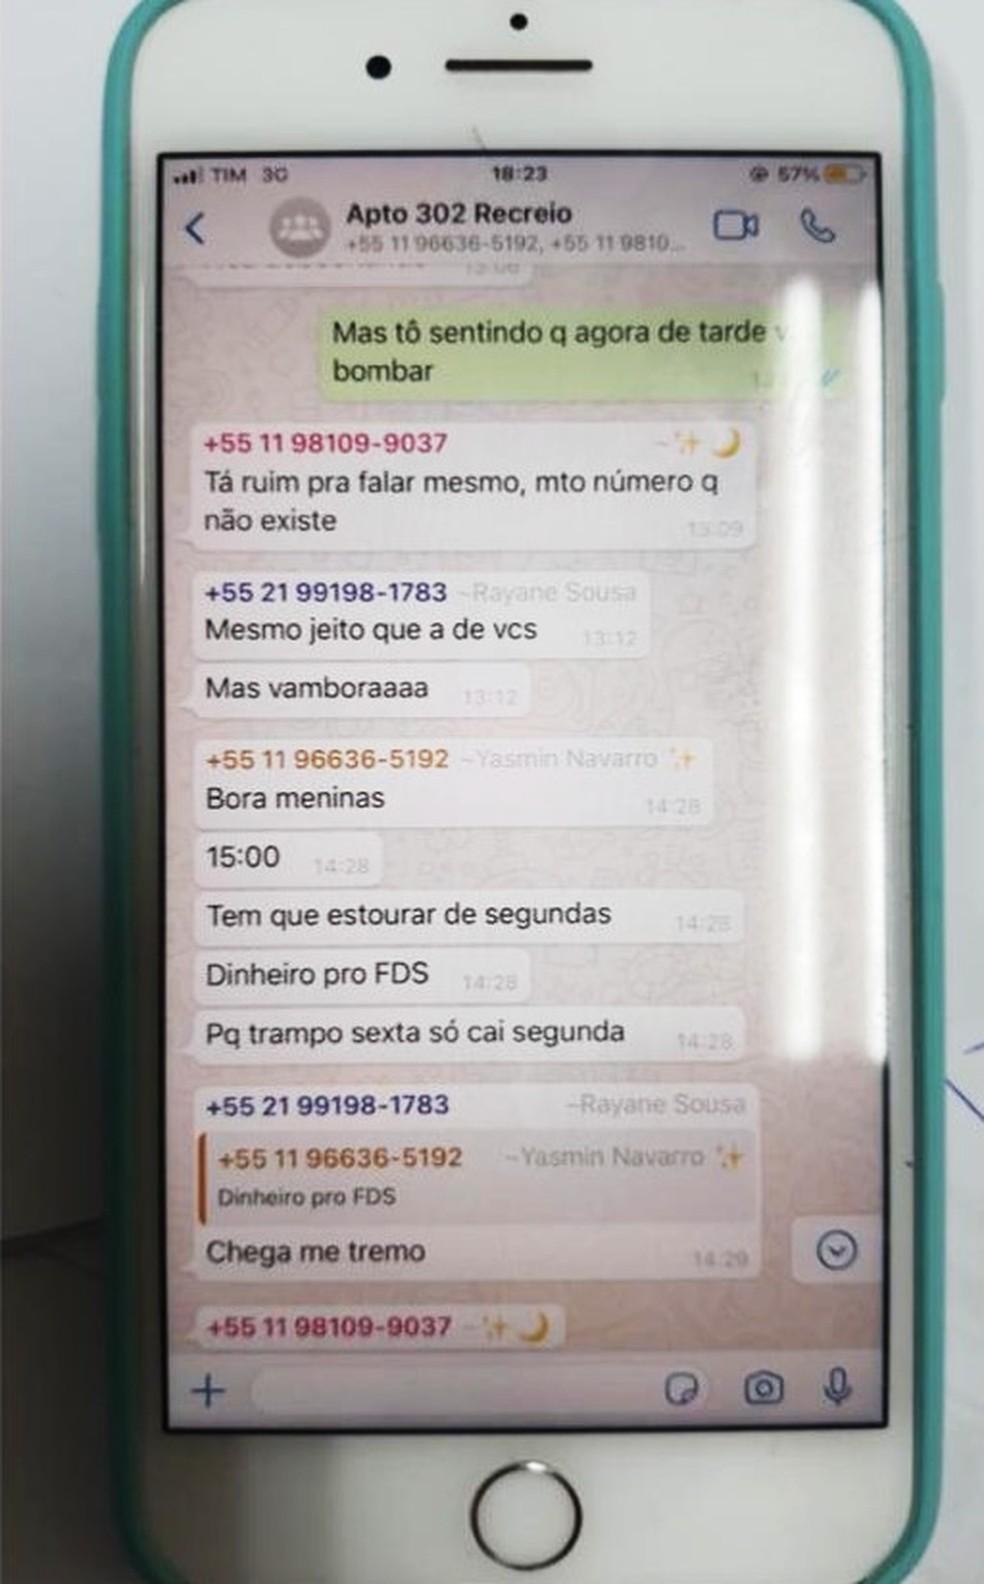 Print da conversa da conversa das supostas estelionatárias do Rio — Foto: Reprodução